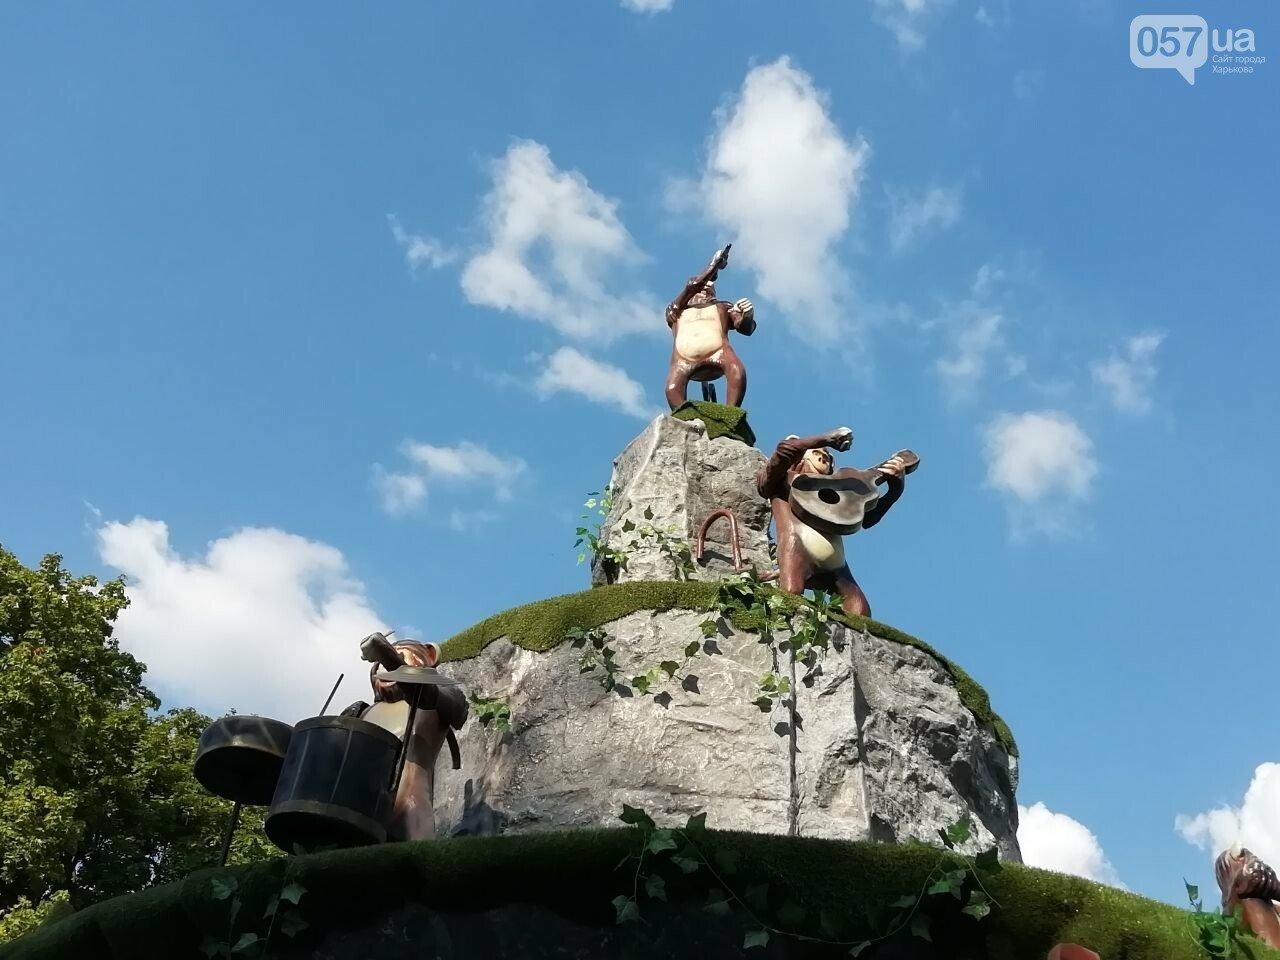 Фонтаны Харькова: ТОП-5 локаций, где спрятаться от летней жары, - ФОТО, фото-2